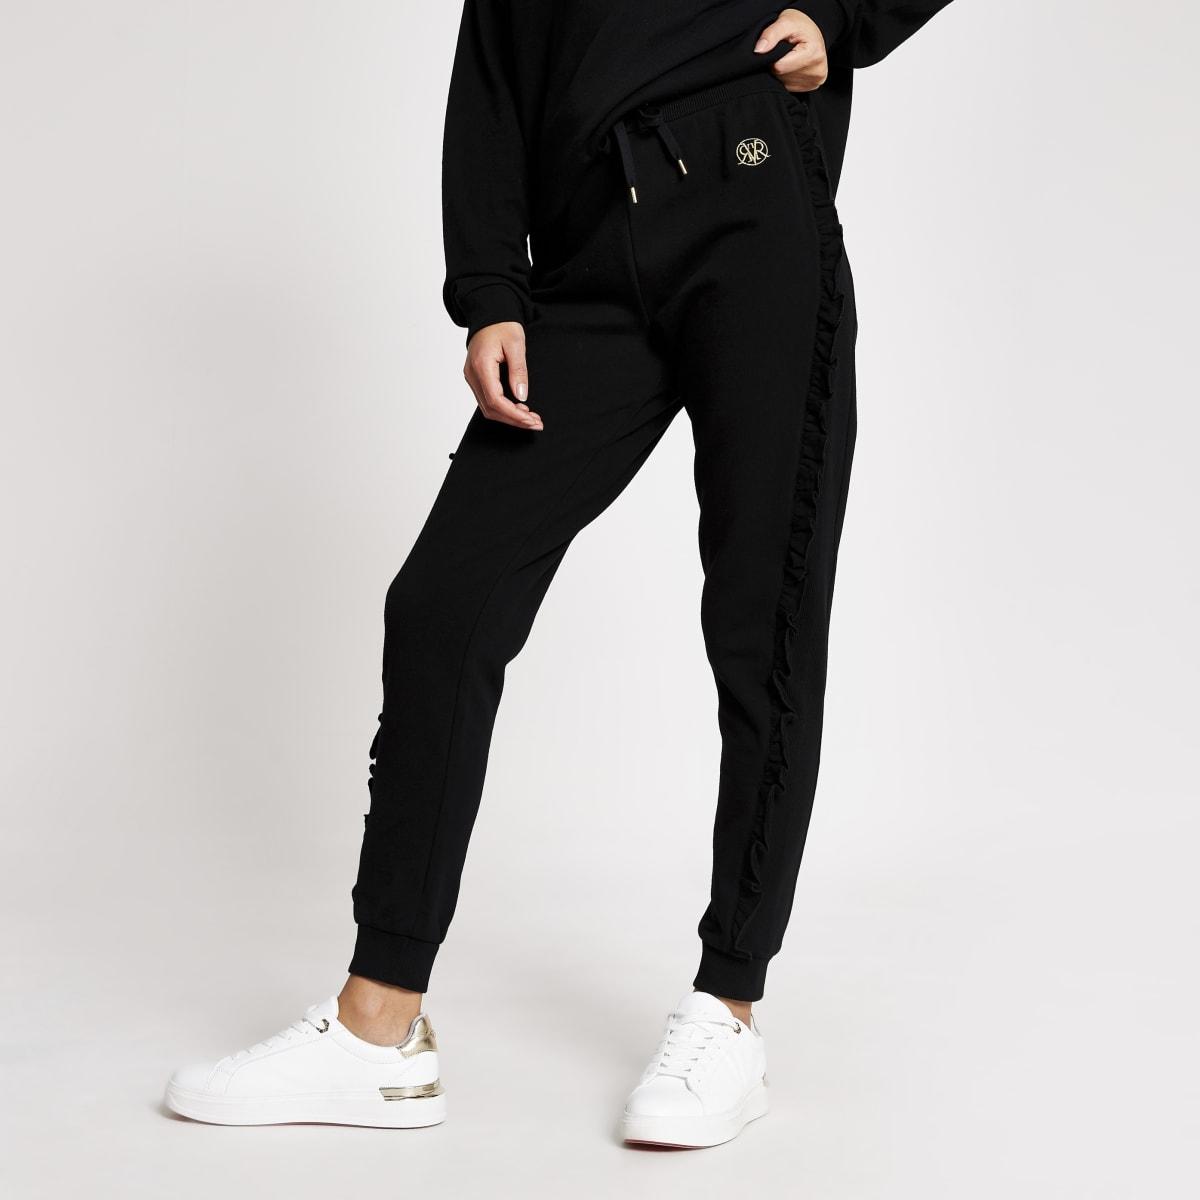 Zwarte joggingbroek met ruches aan zijkant en RI-print